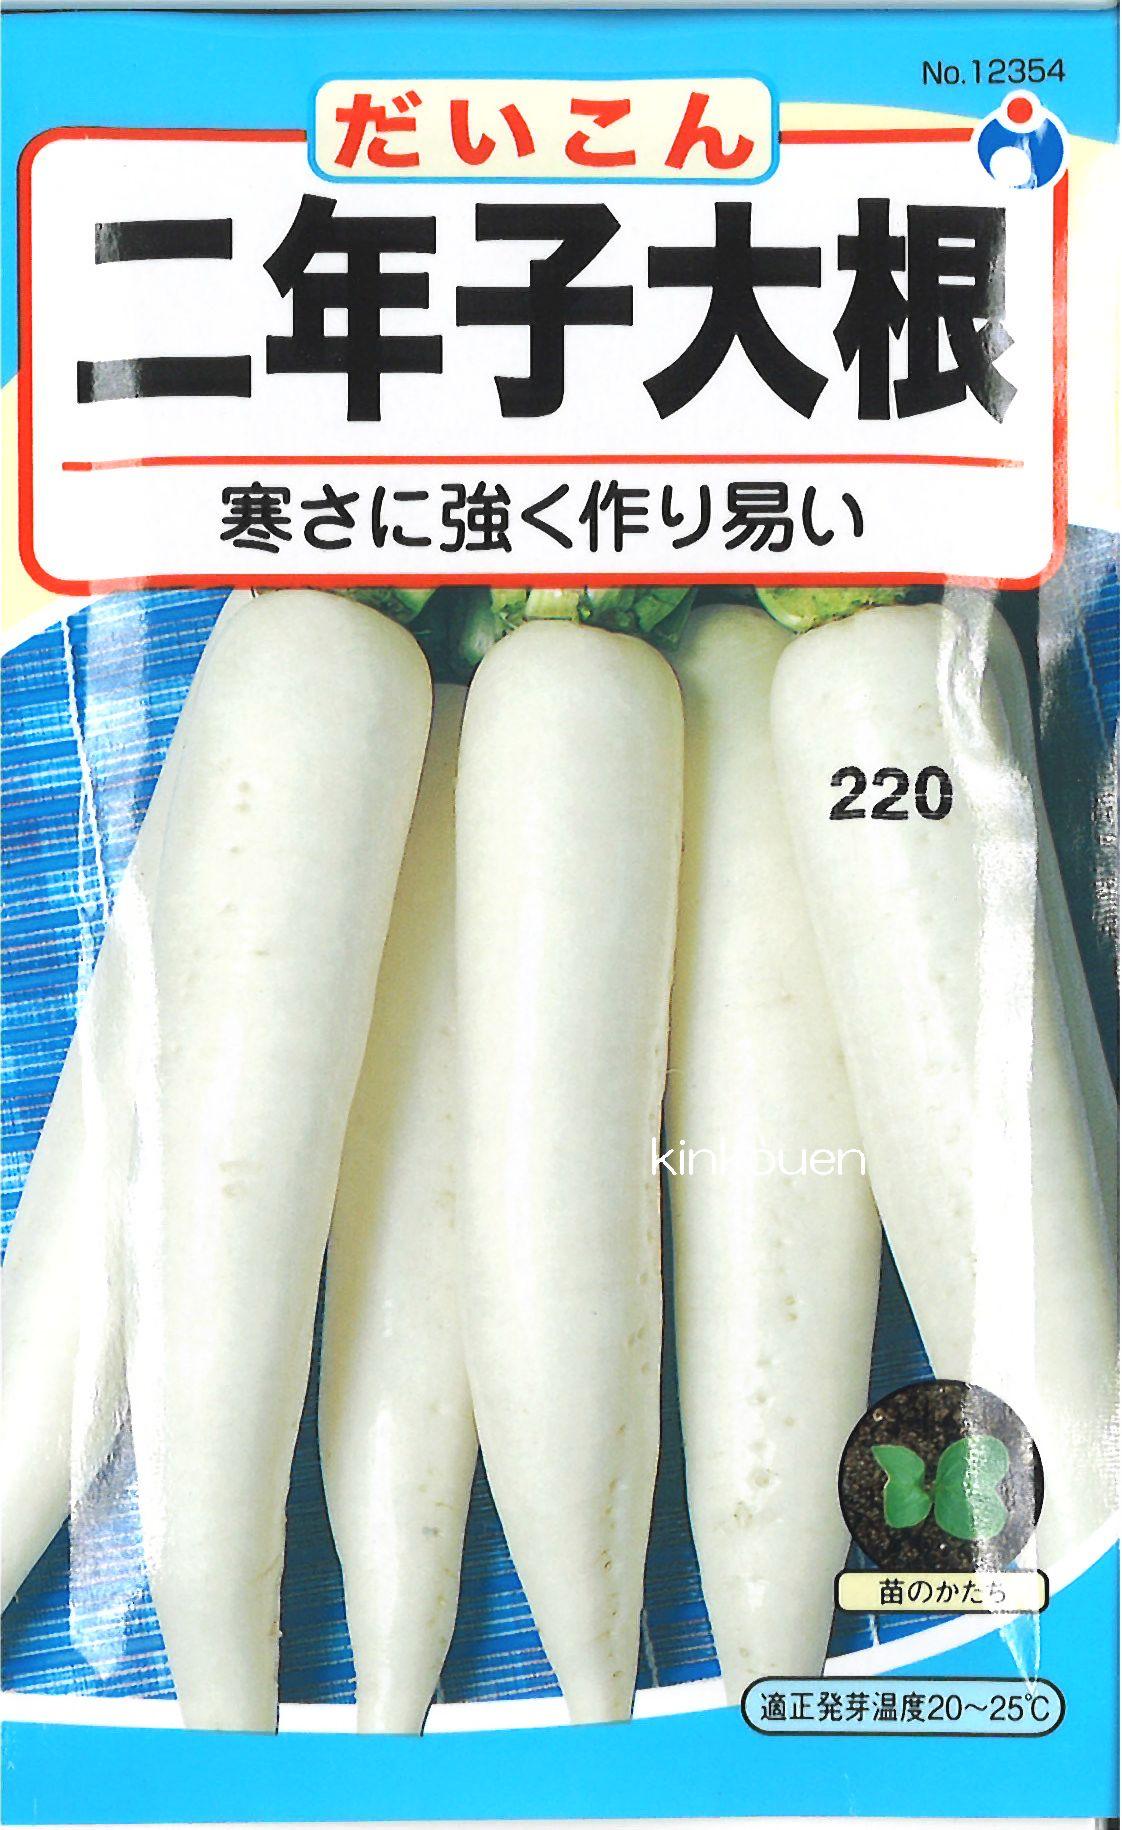 【代引不可】【5袋まで送料80円】 □ ダイコン 二年子大根